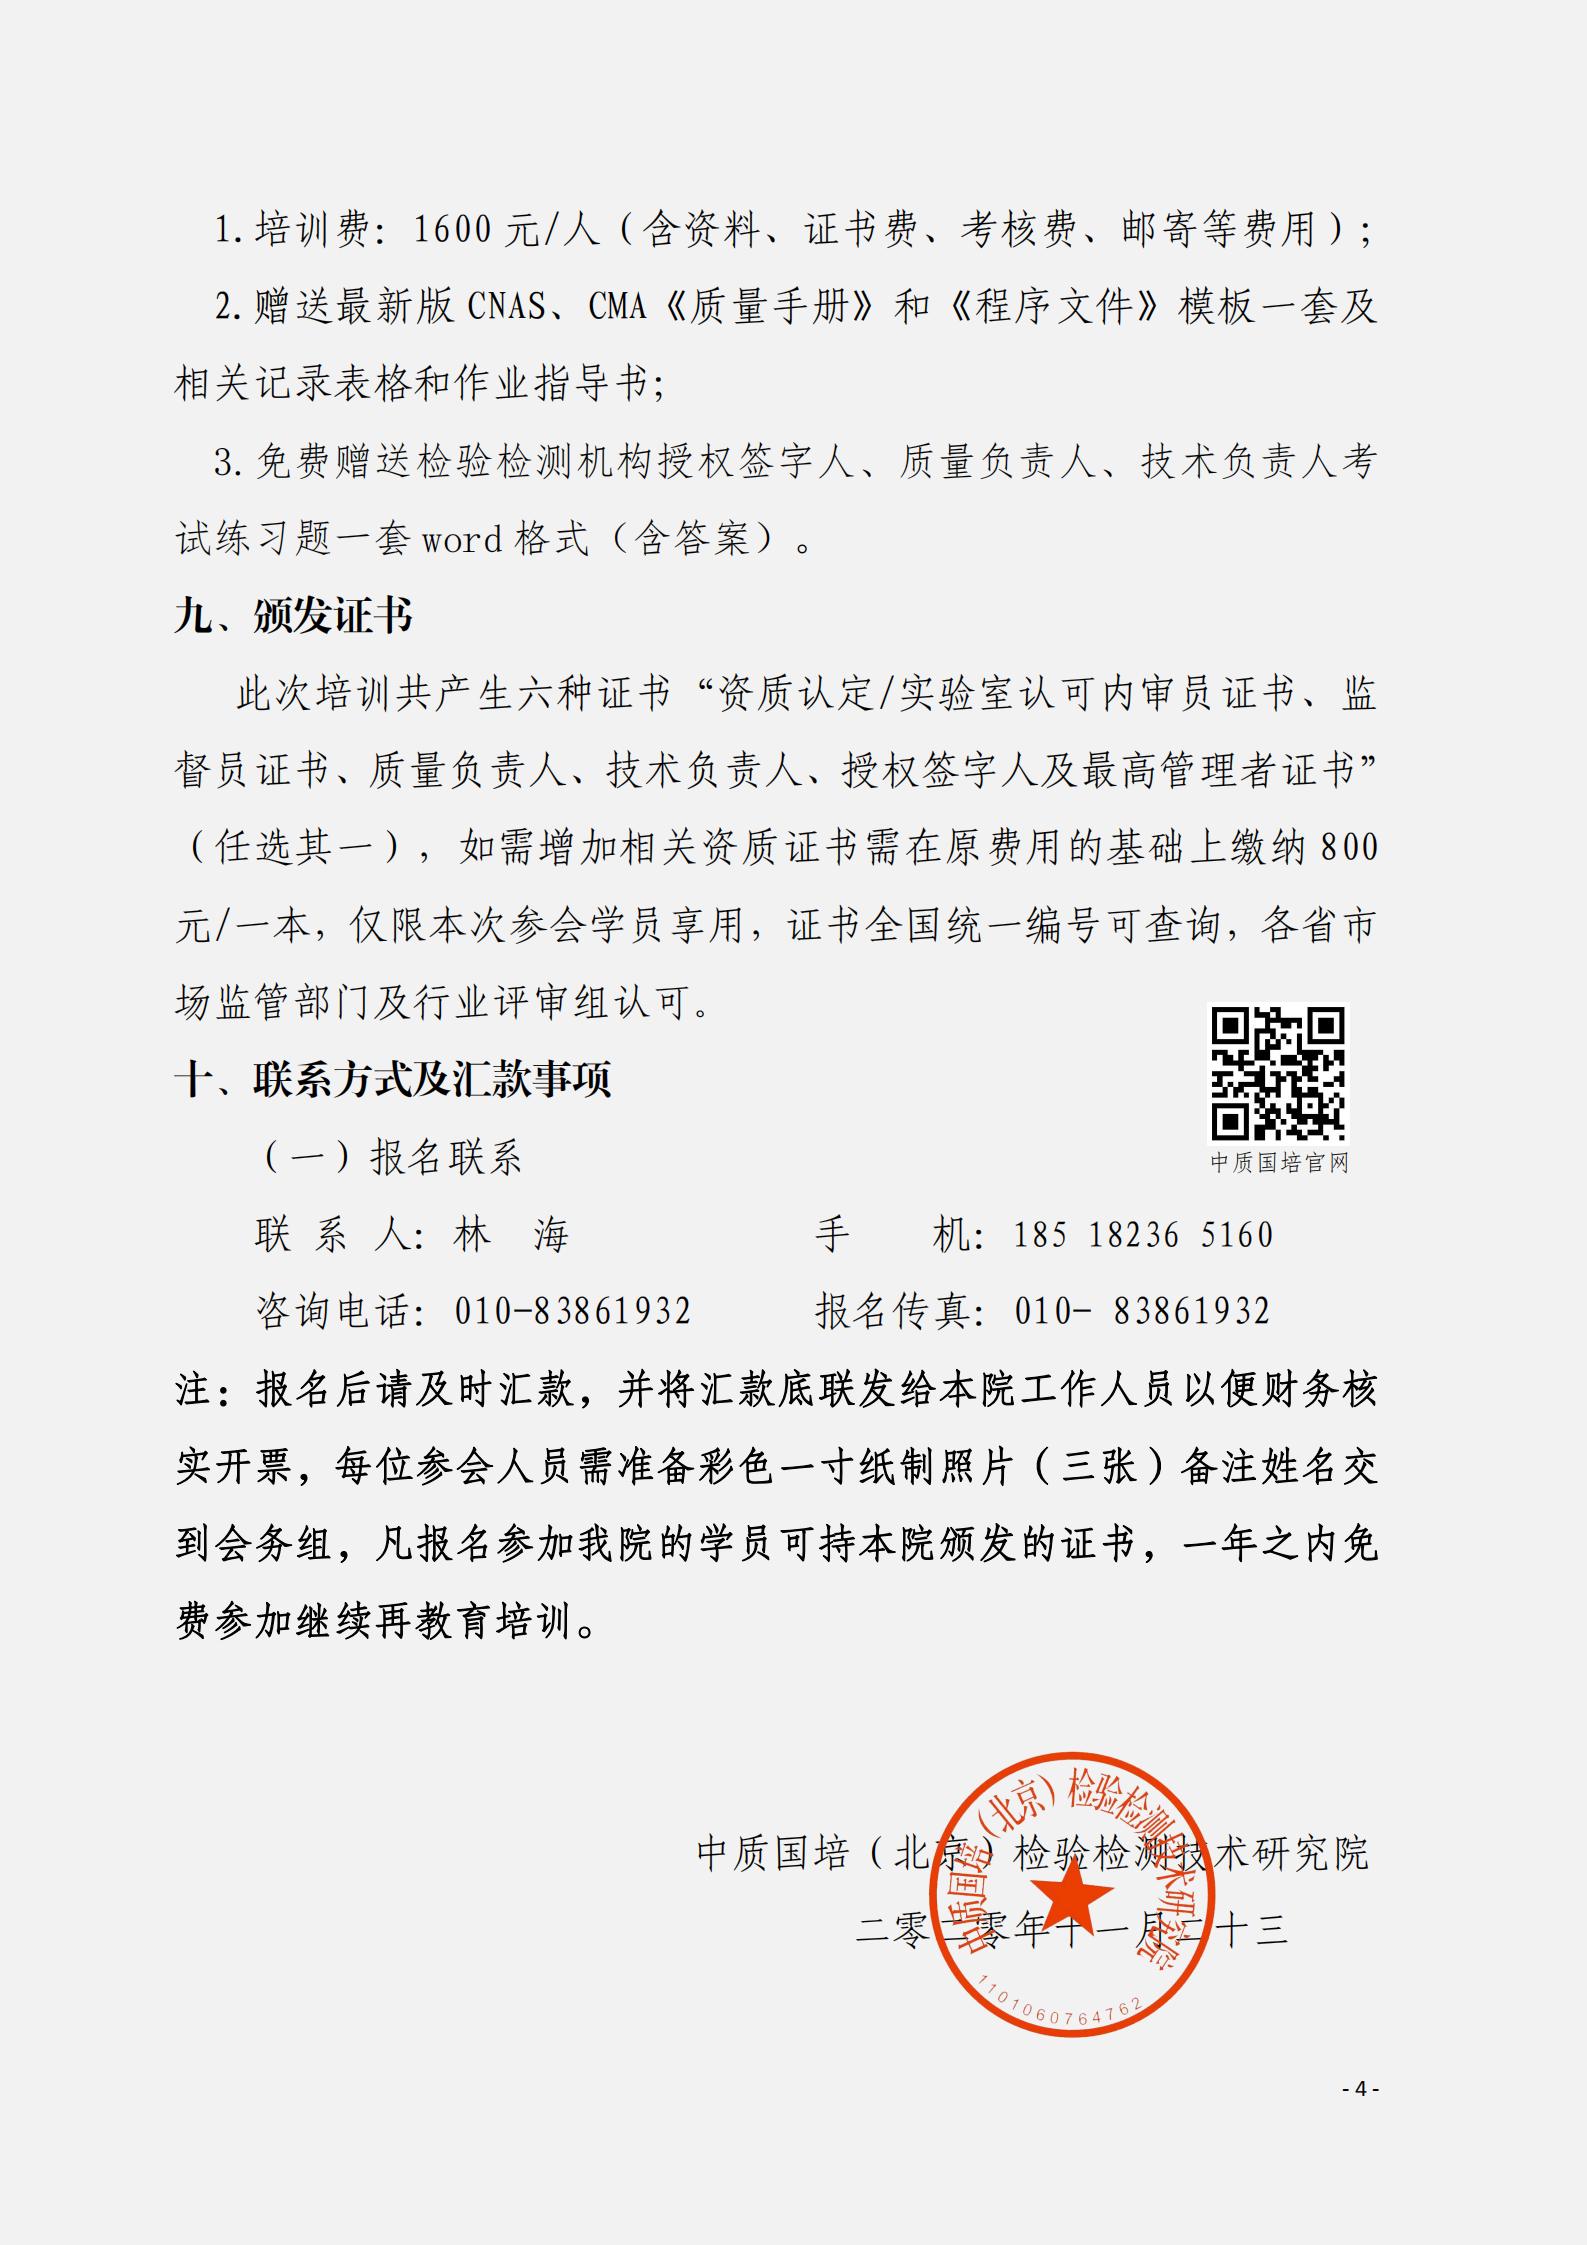 西双版纳 贵阳 沈阳 长春 哈尔滨文件_03.png